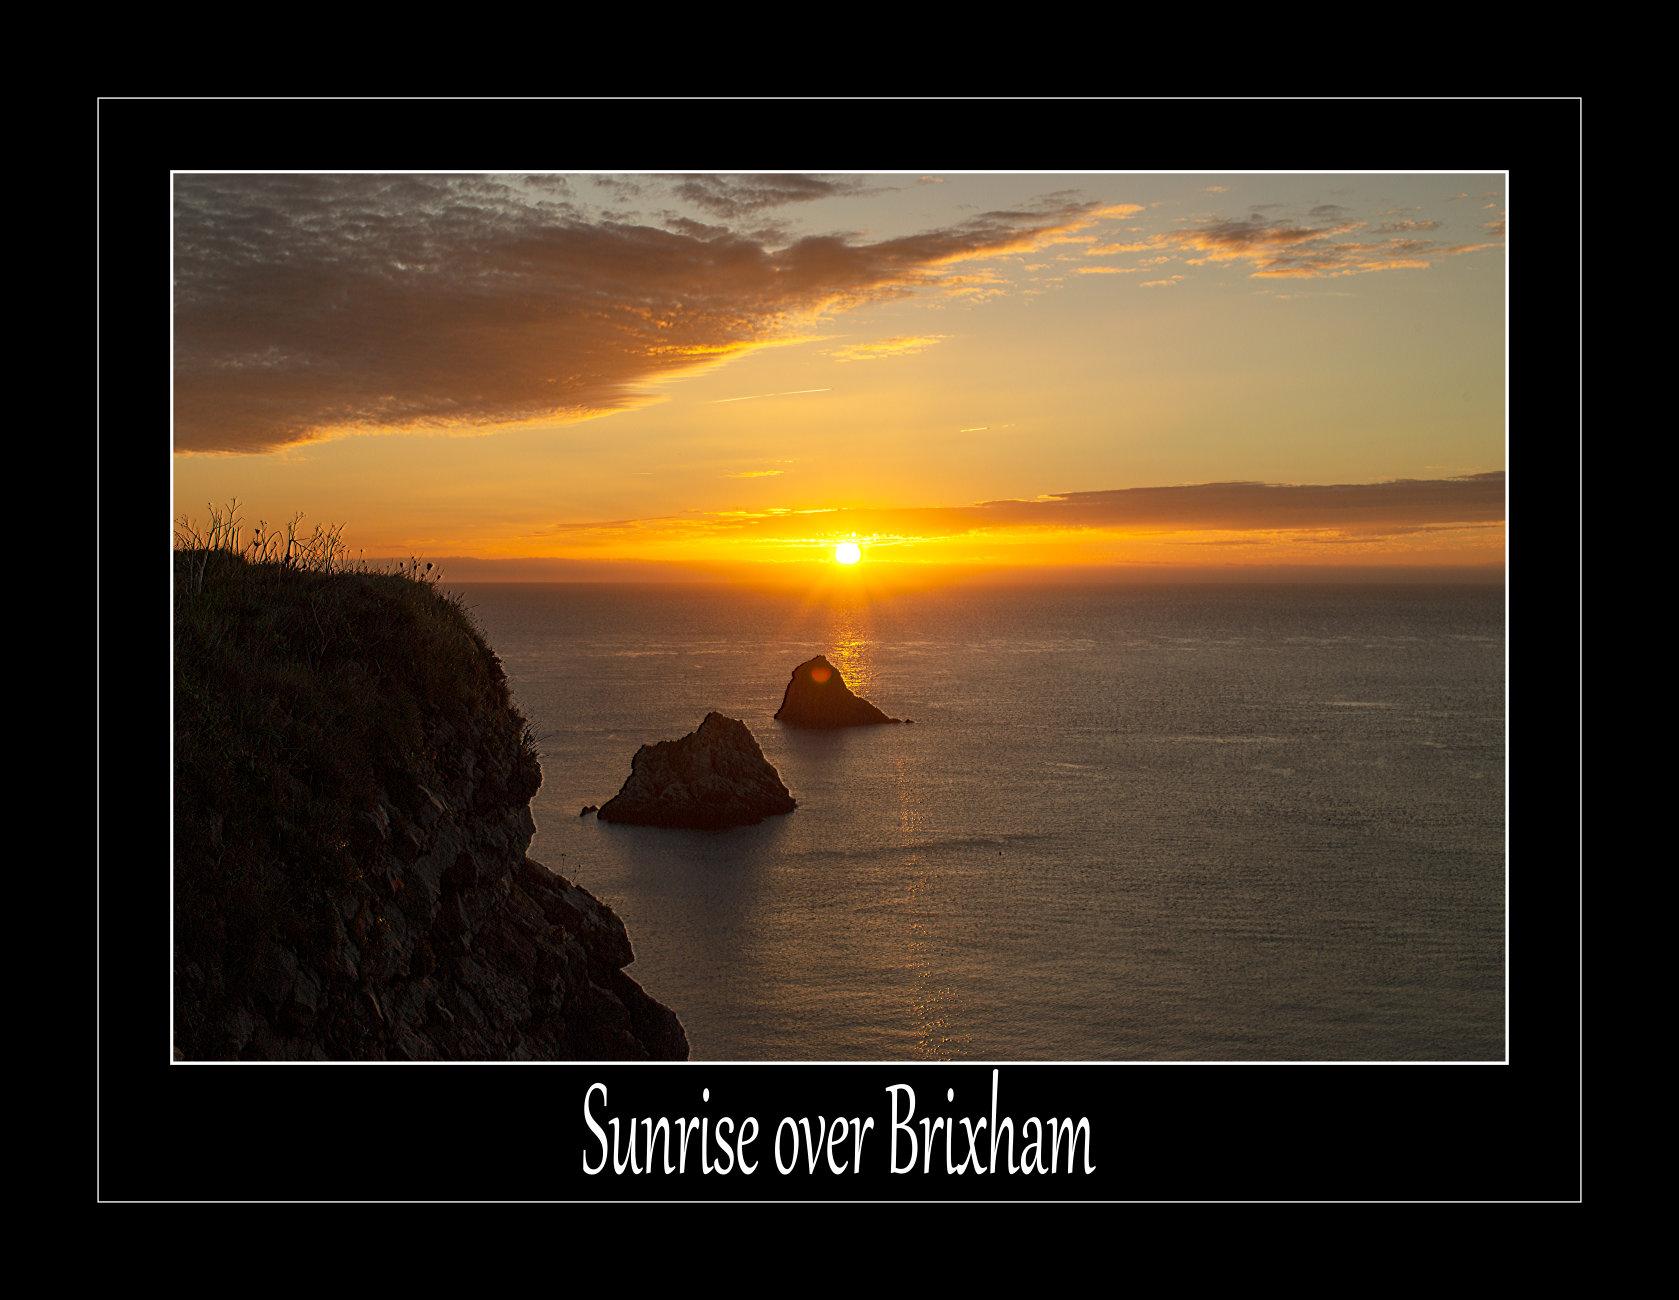 Sunrise Over Brixham